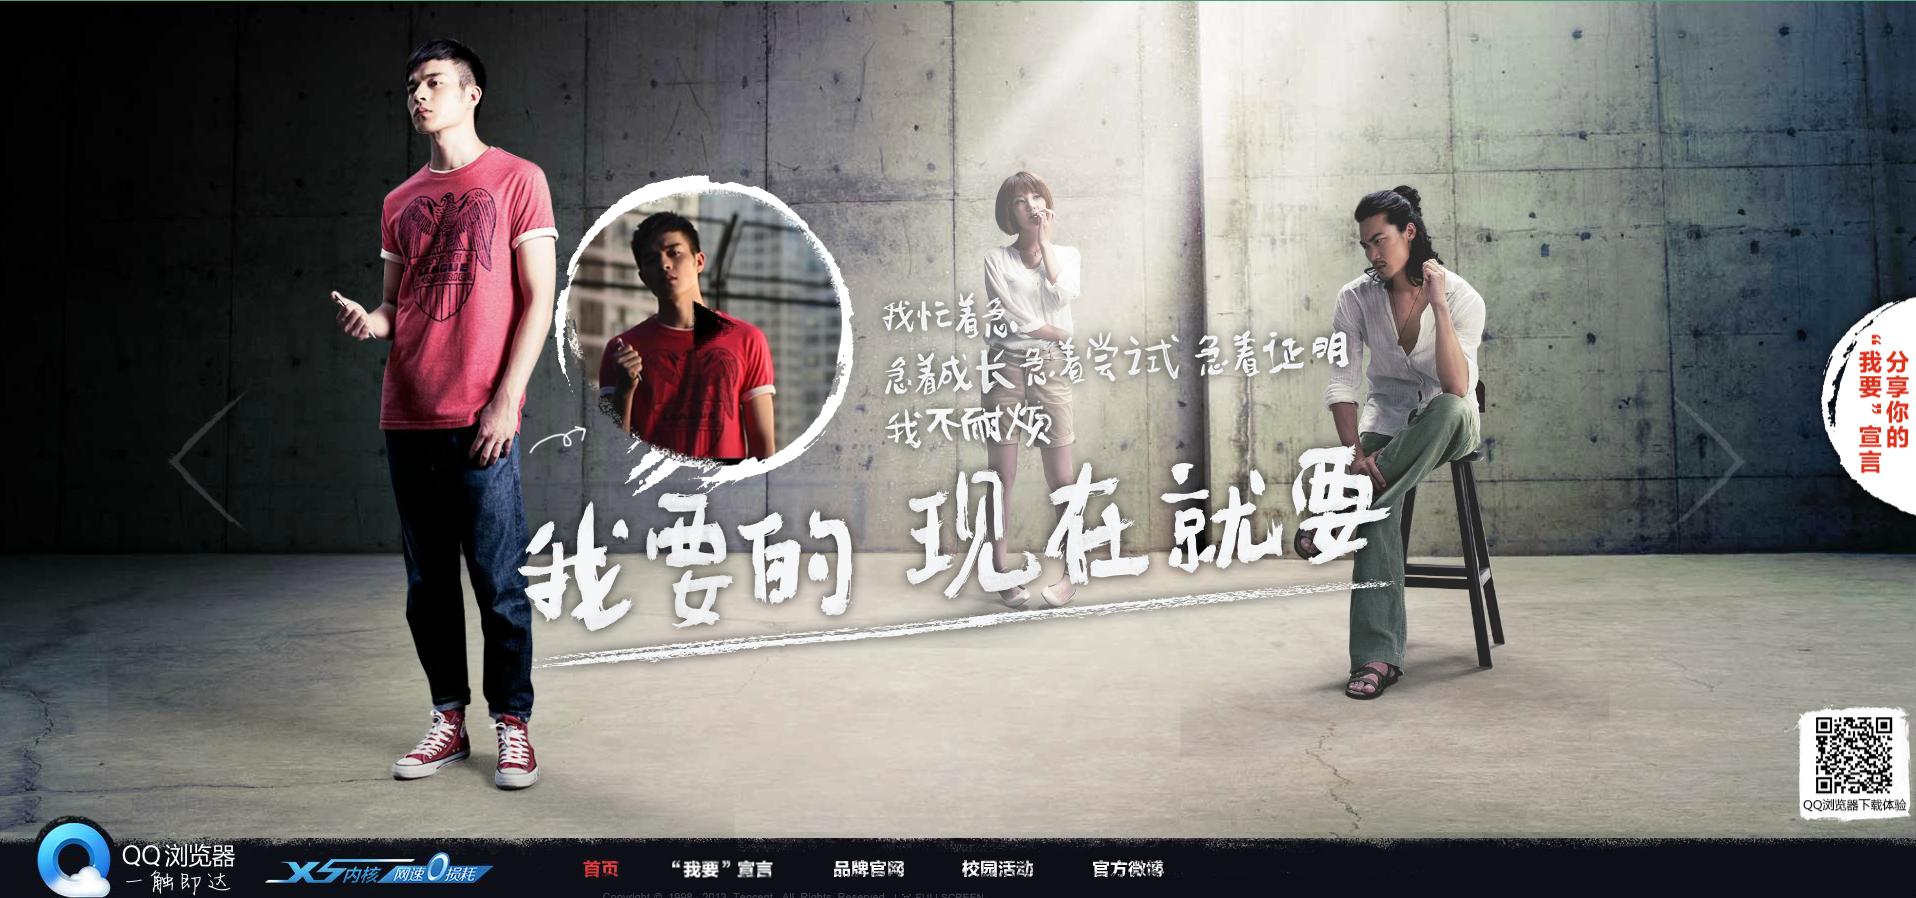 騰訊QQ瀏覽器推廣頁面